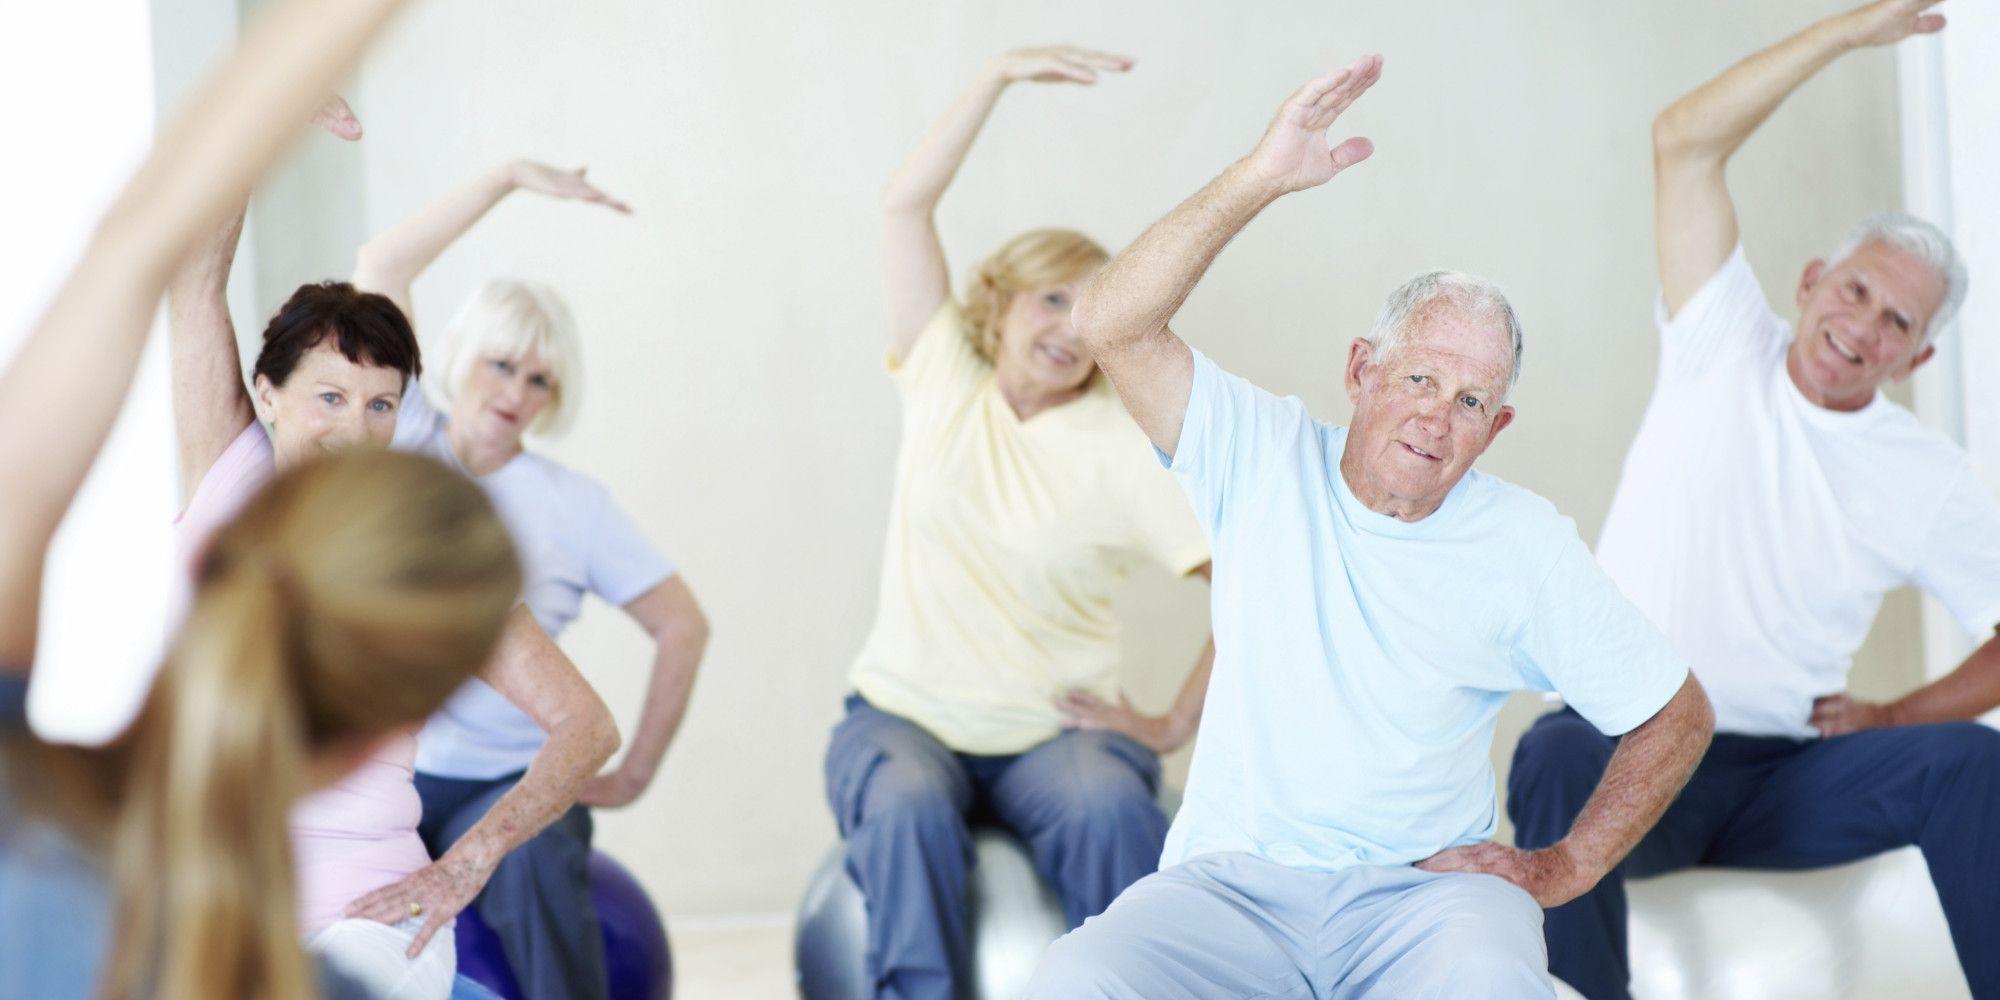 Οι ασκήσεις χαλάρωσης, η γιόγκα αλλά και η πεζοπορία, είναι ήπιες σωματικές δραστηριότητες κατάλληλες για τα άτομα της τρίτης ηλικίας.